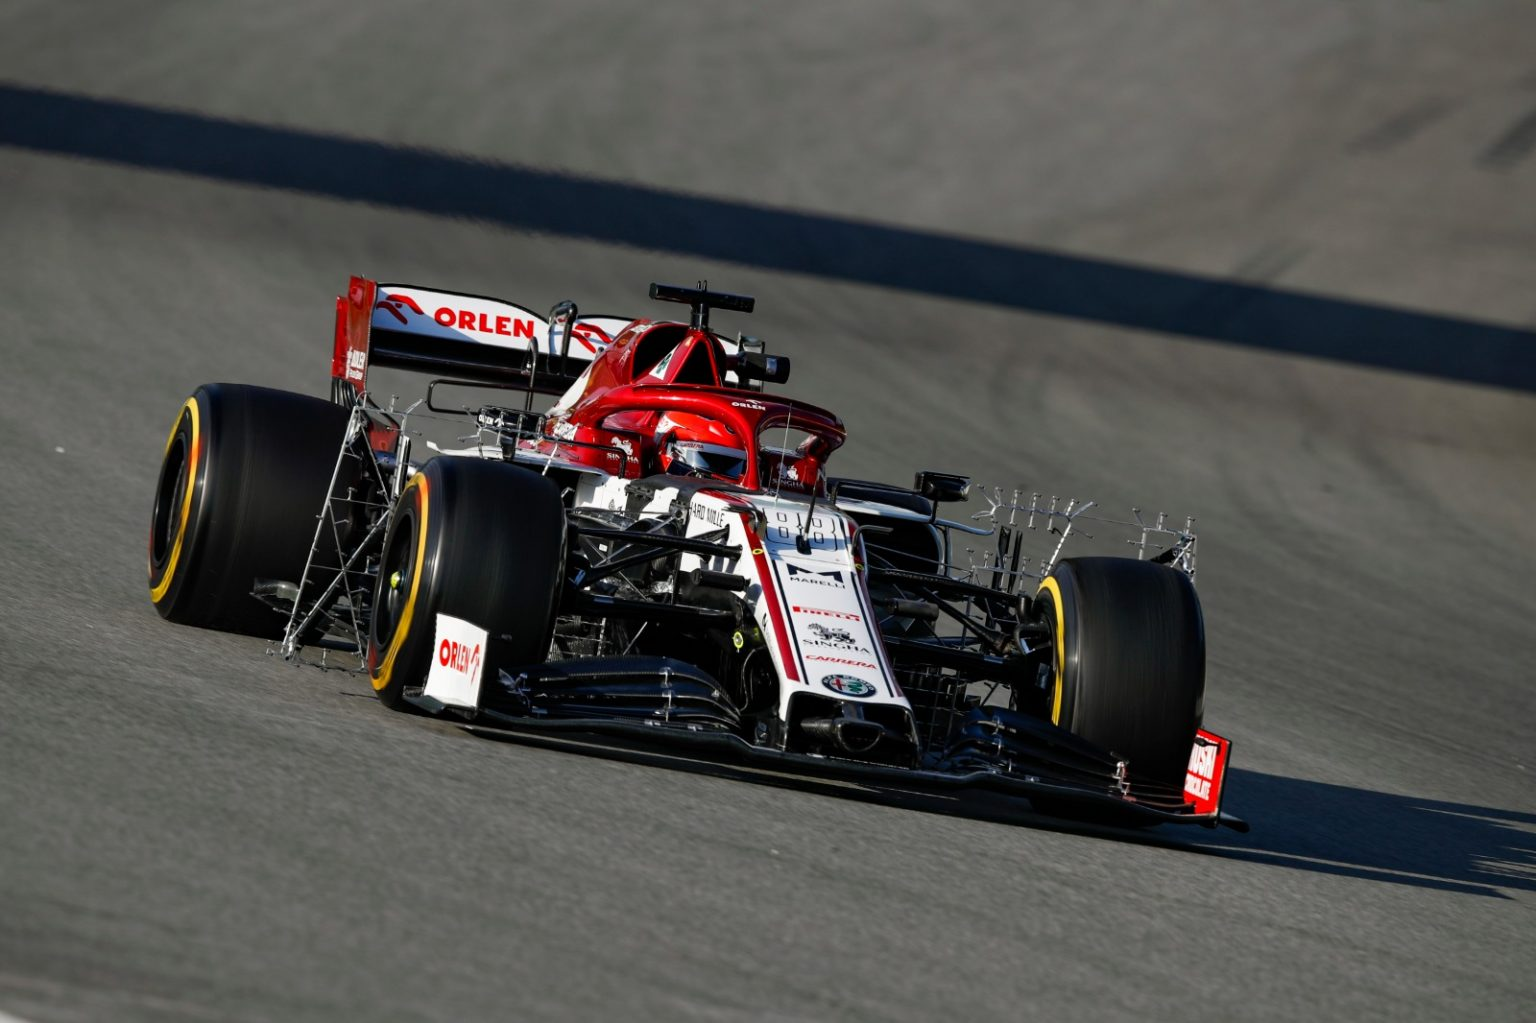 Alfa Romeo mettra à jour sa monoplace en Autriche et à Silverstone 1